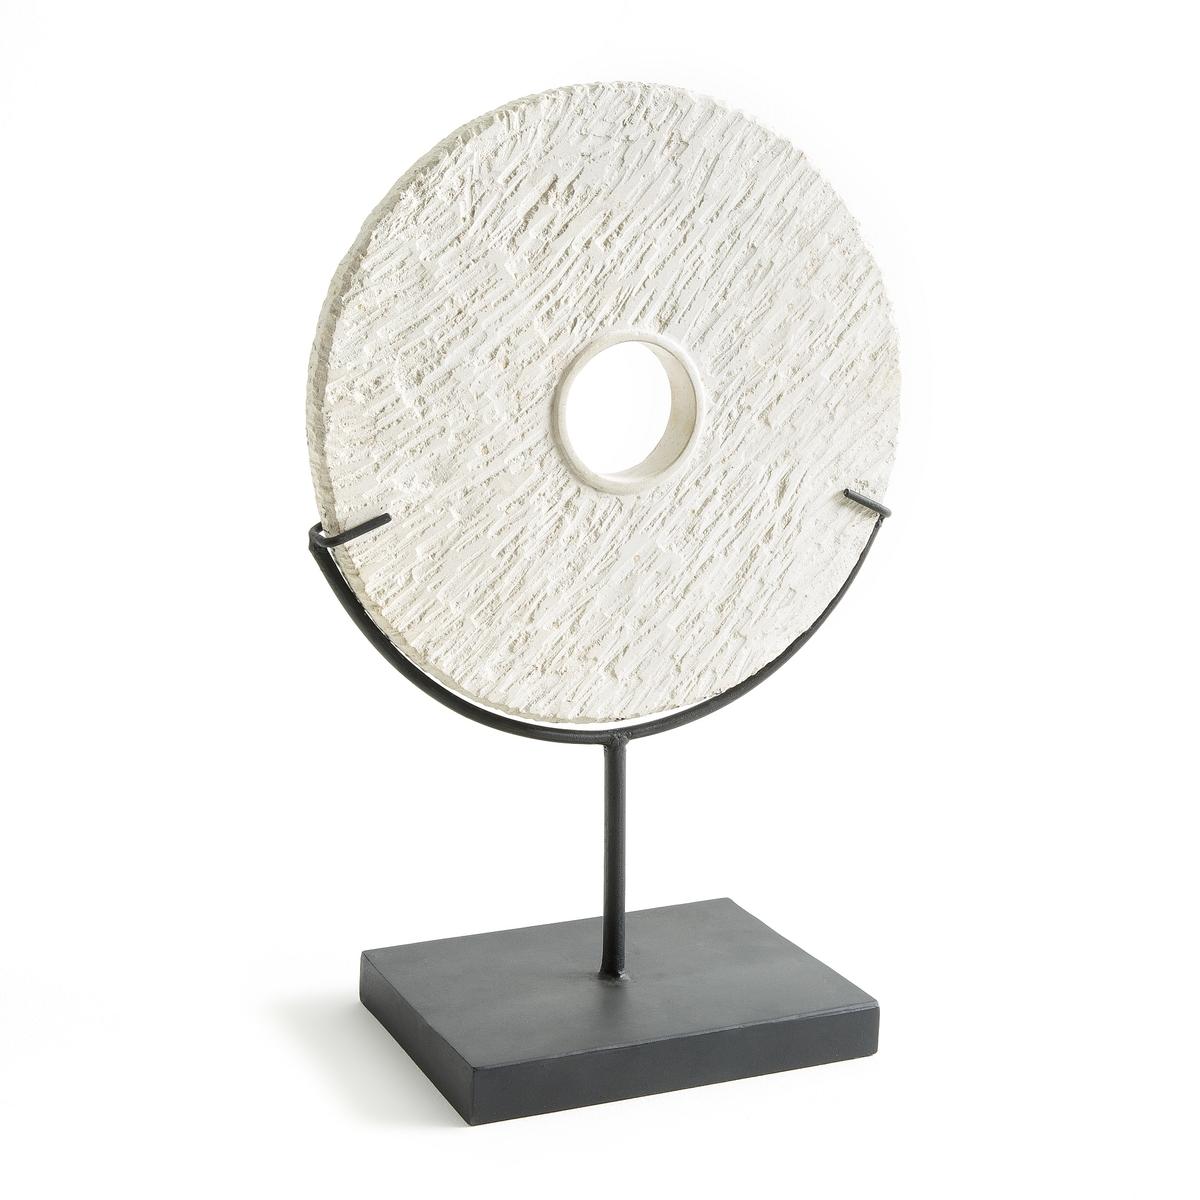 Предмет декоративный в виде римского колеса, PlatnoРимское колесо Platno. Красивый декоративный предмет из камня на металлическом основании. Размеры : Ш.30 x В.45 x Г.15 см.<br><br>Цвет: каменно-бежевый